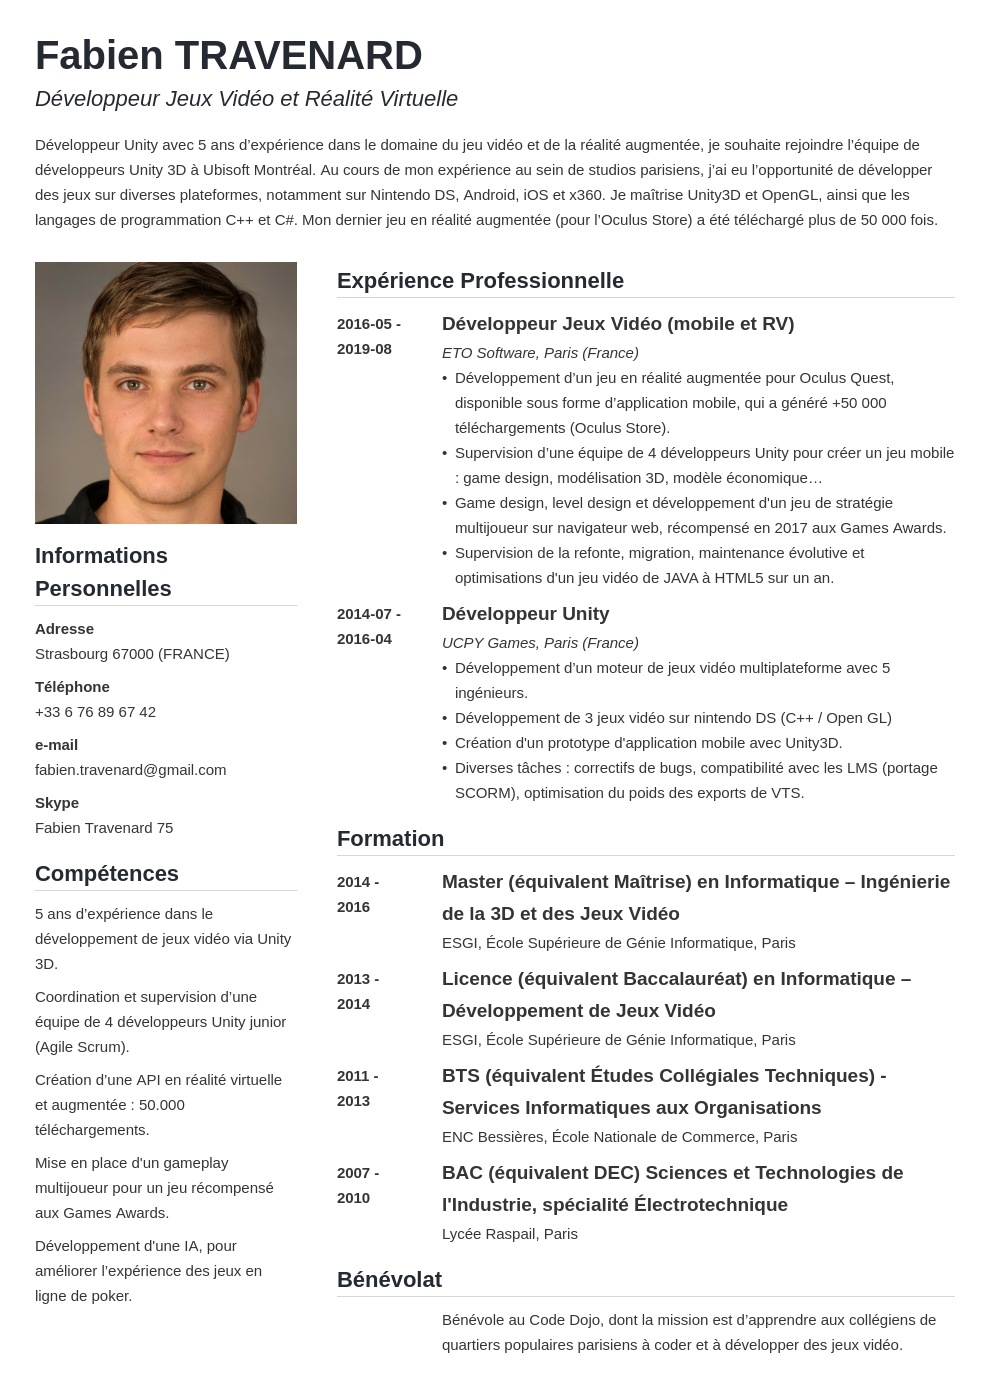 CV canadien : exemple de CV format Canada / Québec + pvt